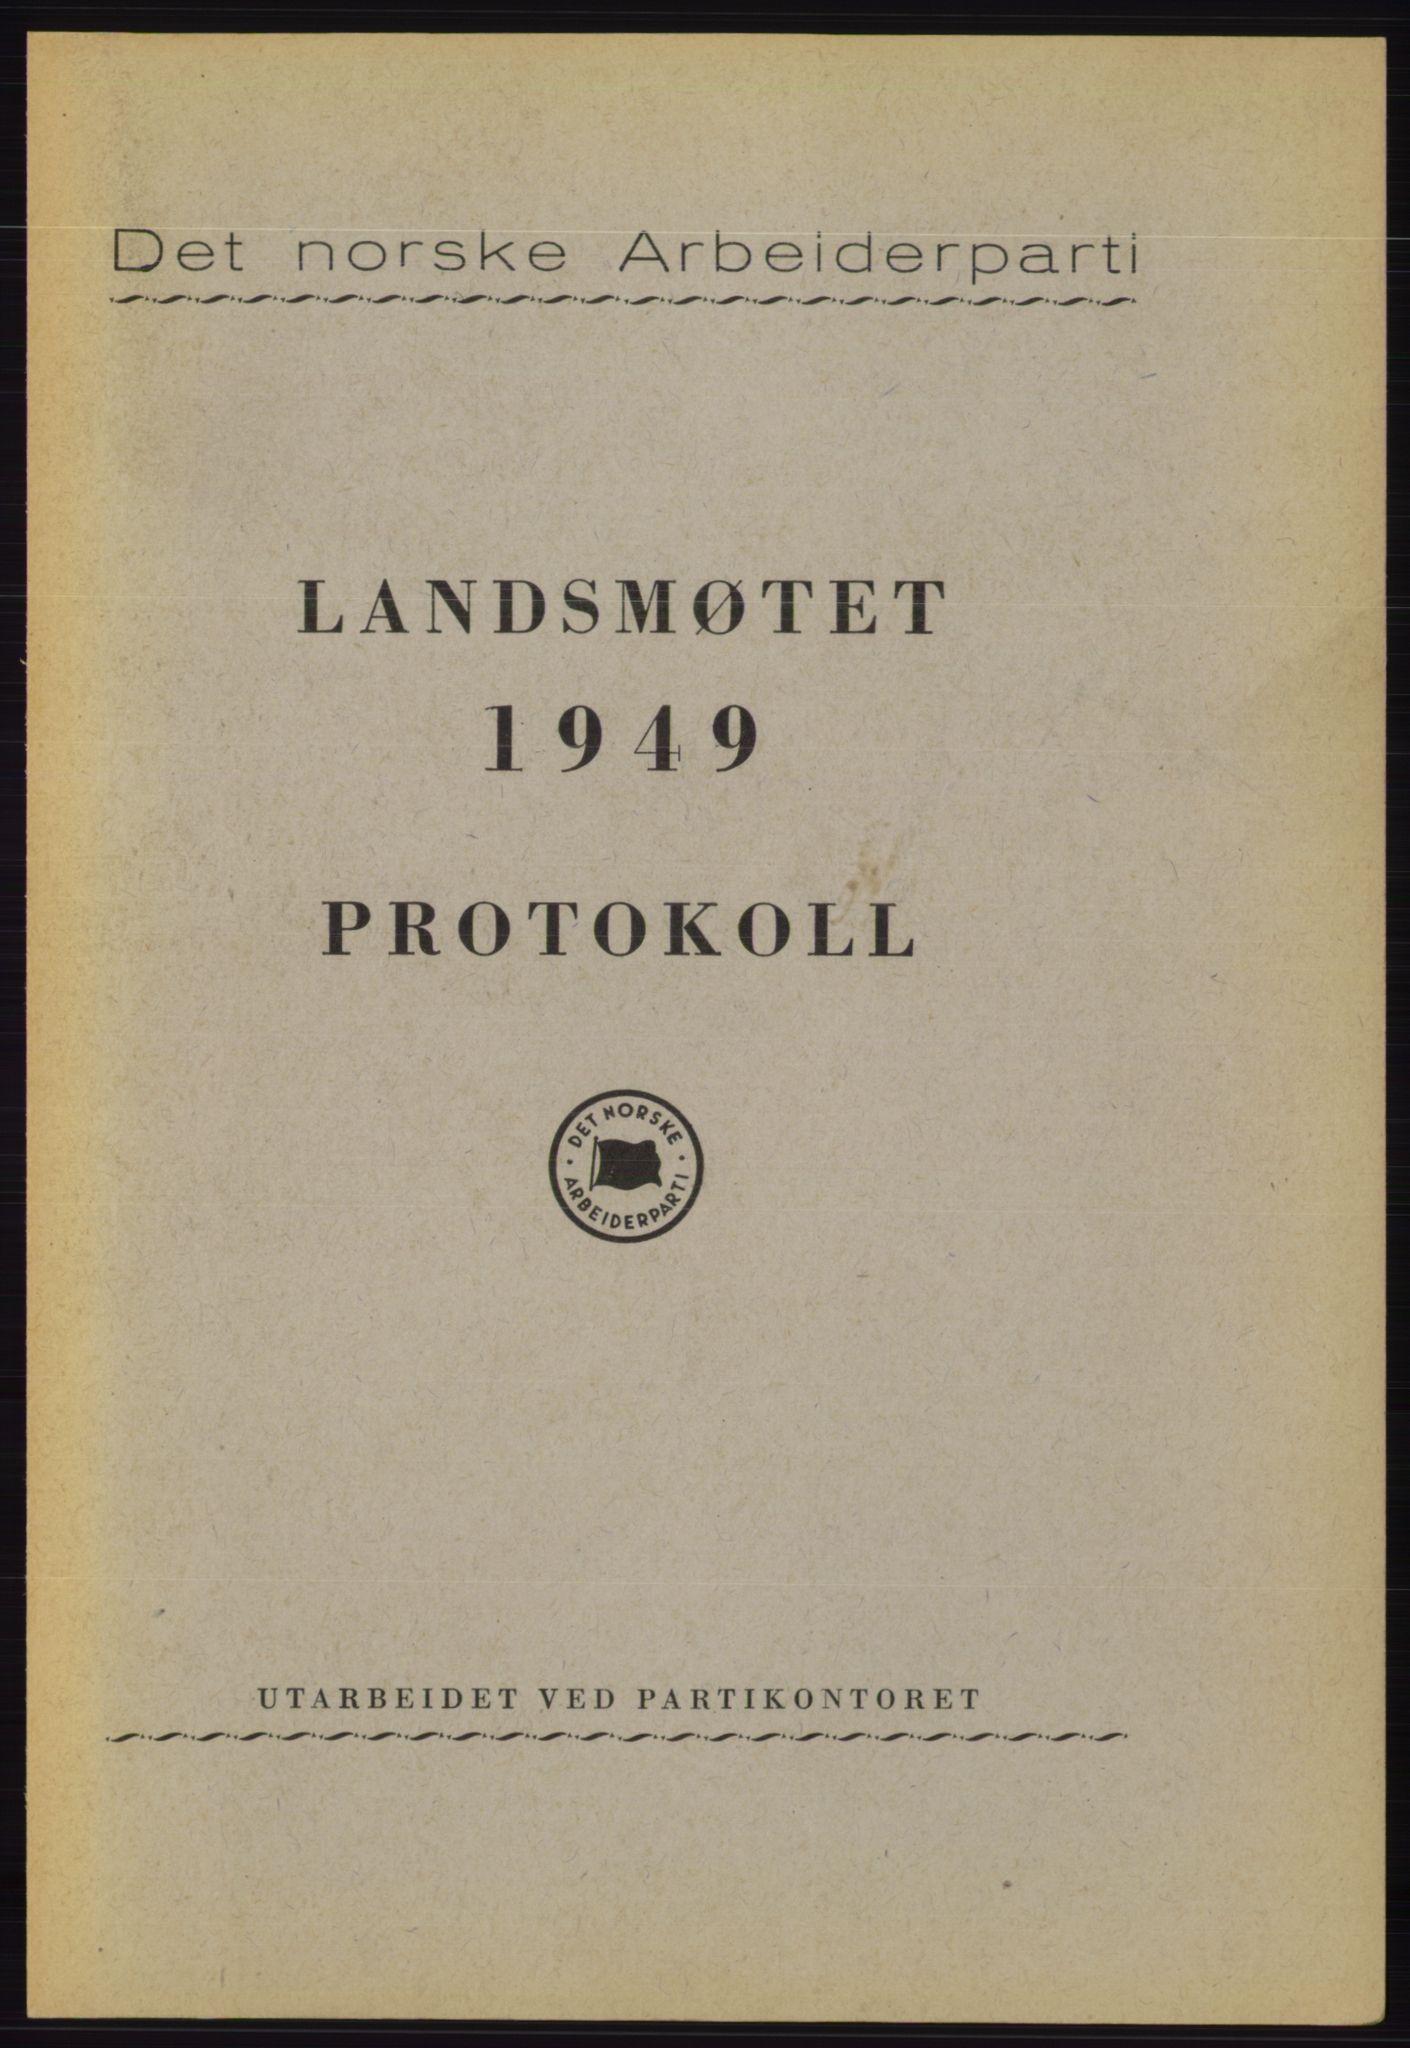 AAB, Det norske Arbeiderparti - publikasjoner, -/-: Protokoll over forhandlingene på det 33. ordinære landsmøte 17.-20. februar 1949 i Oslo, 1949